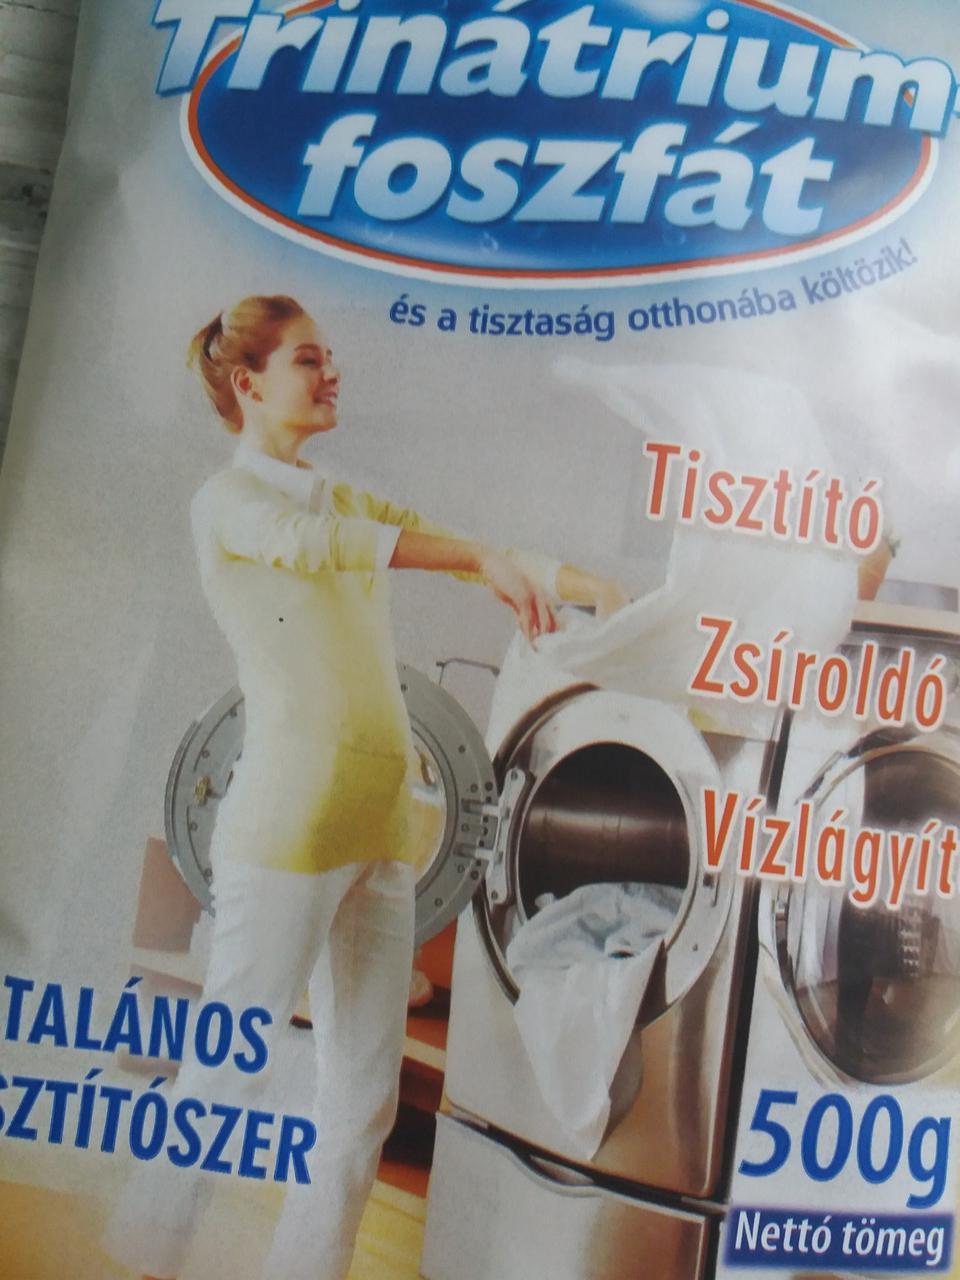 Чистка стиральной машинки -порошок /антиржавщина,антиналет,антизапах / из Венгрии 500г